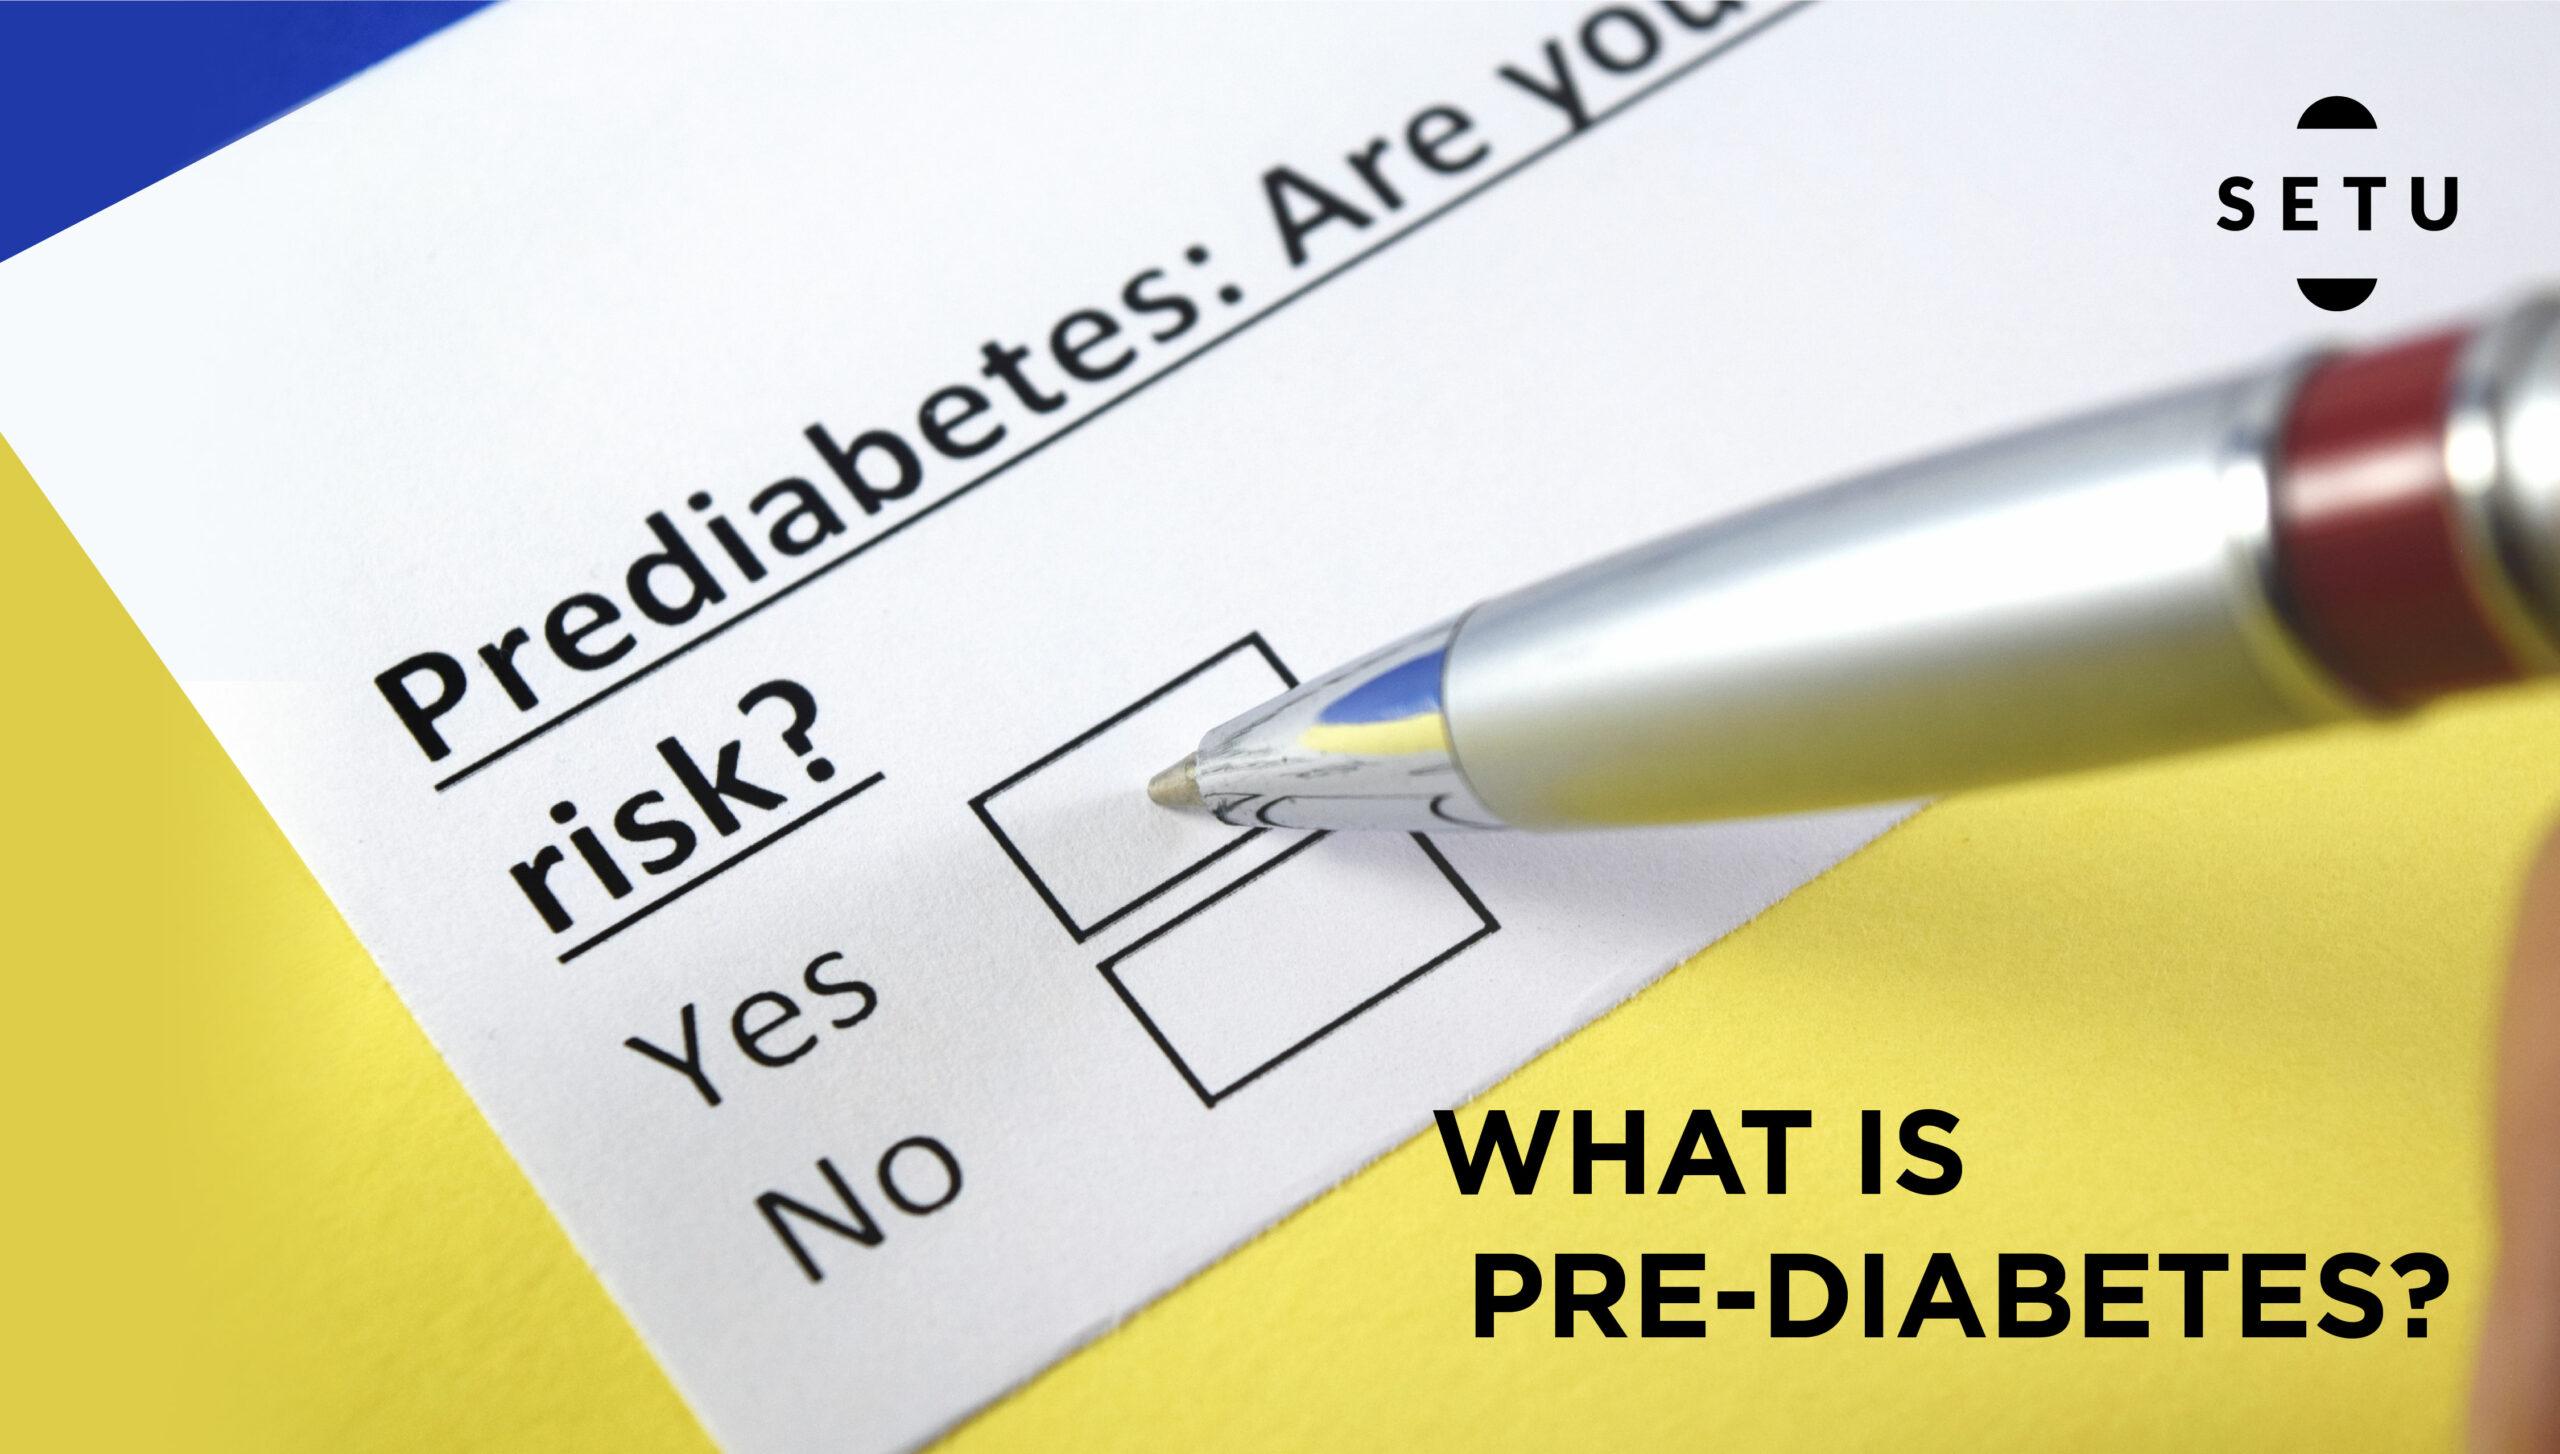 What Is Pre-Diabetes?